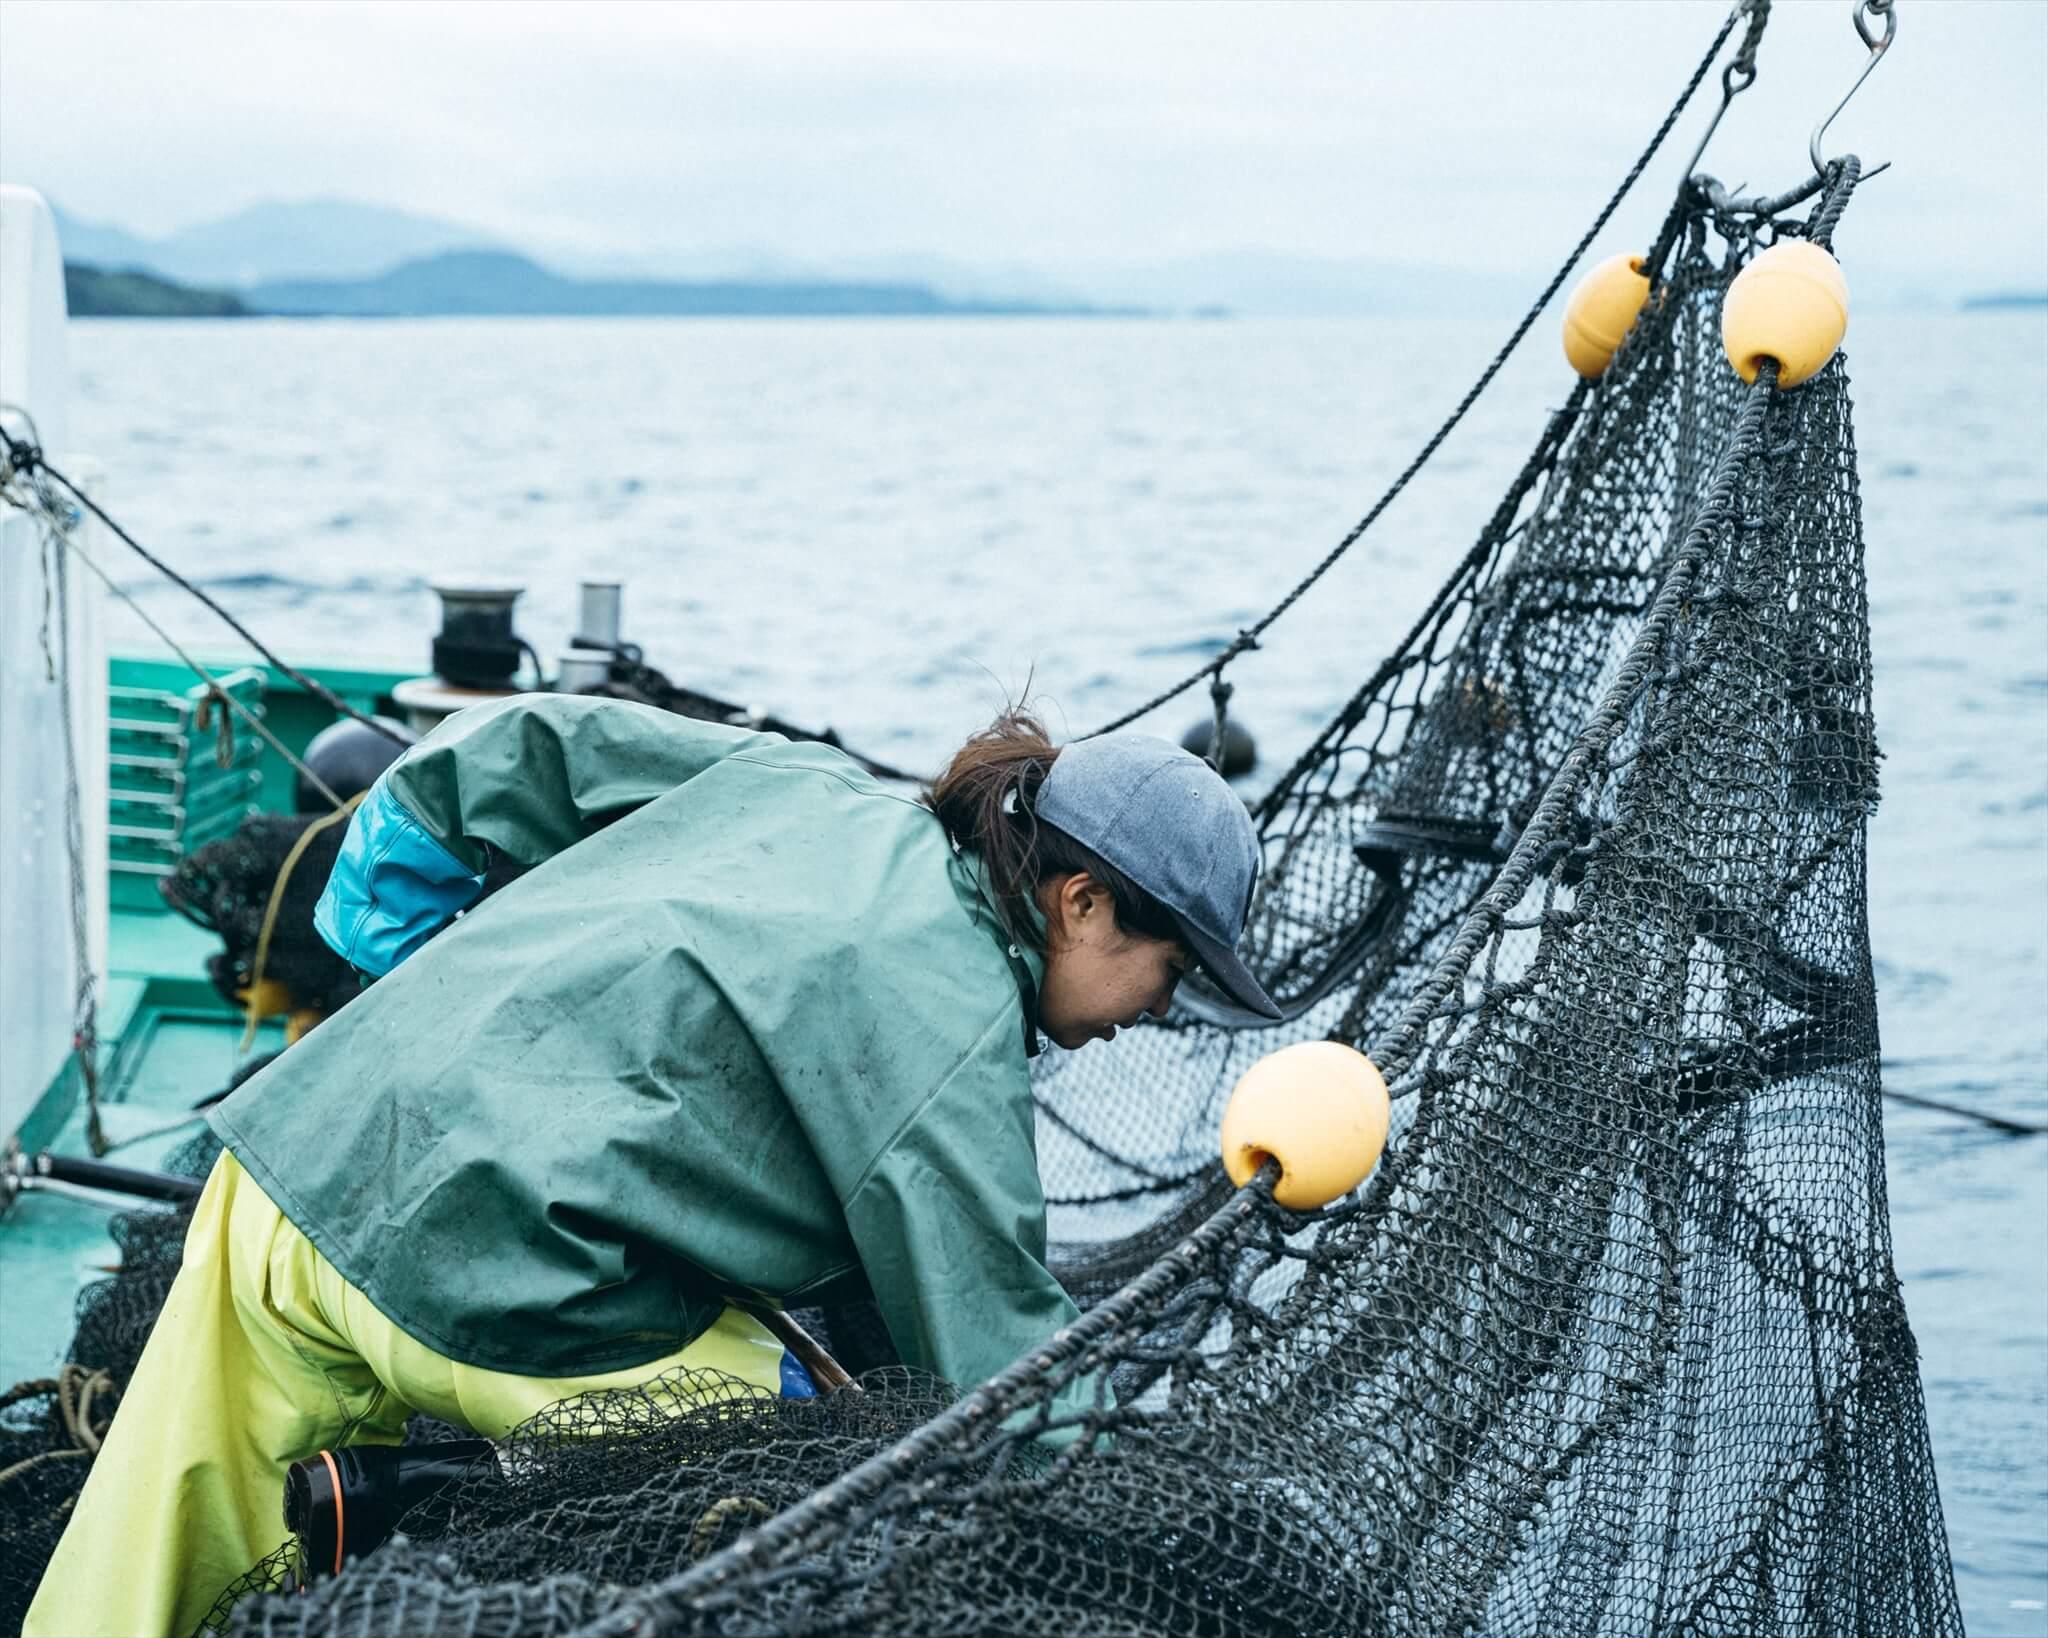 引き上げた定置網からタモ網で魚をすくいとる